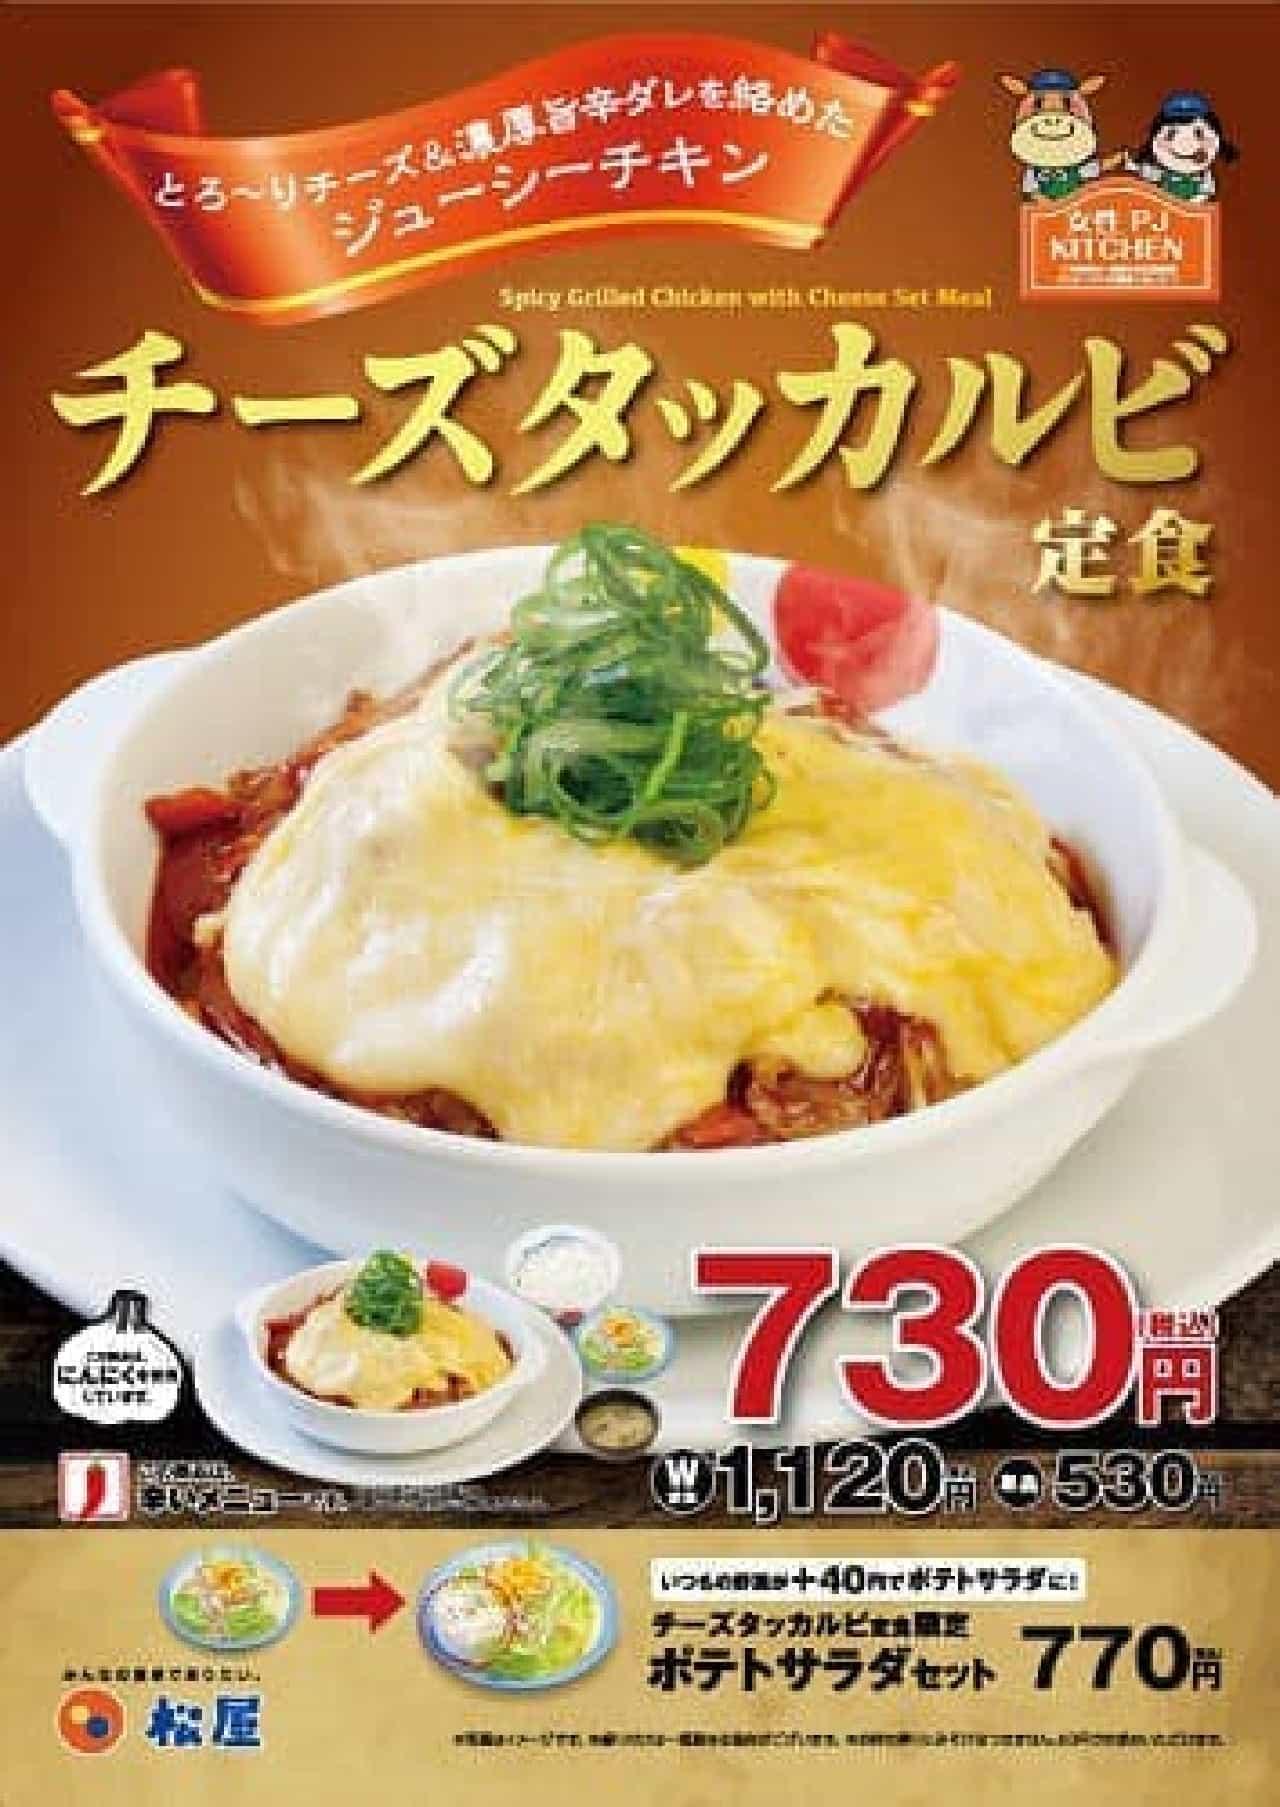 松屋「チーズダッカルビ定食」